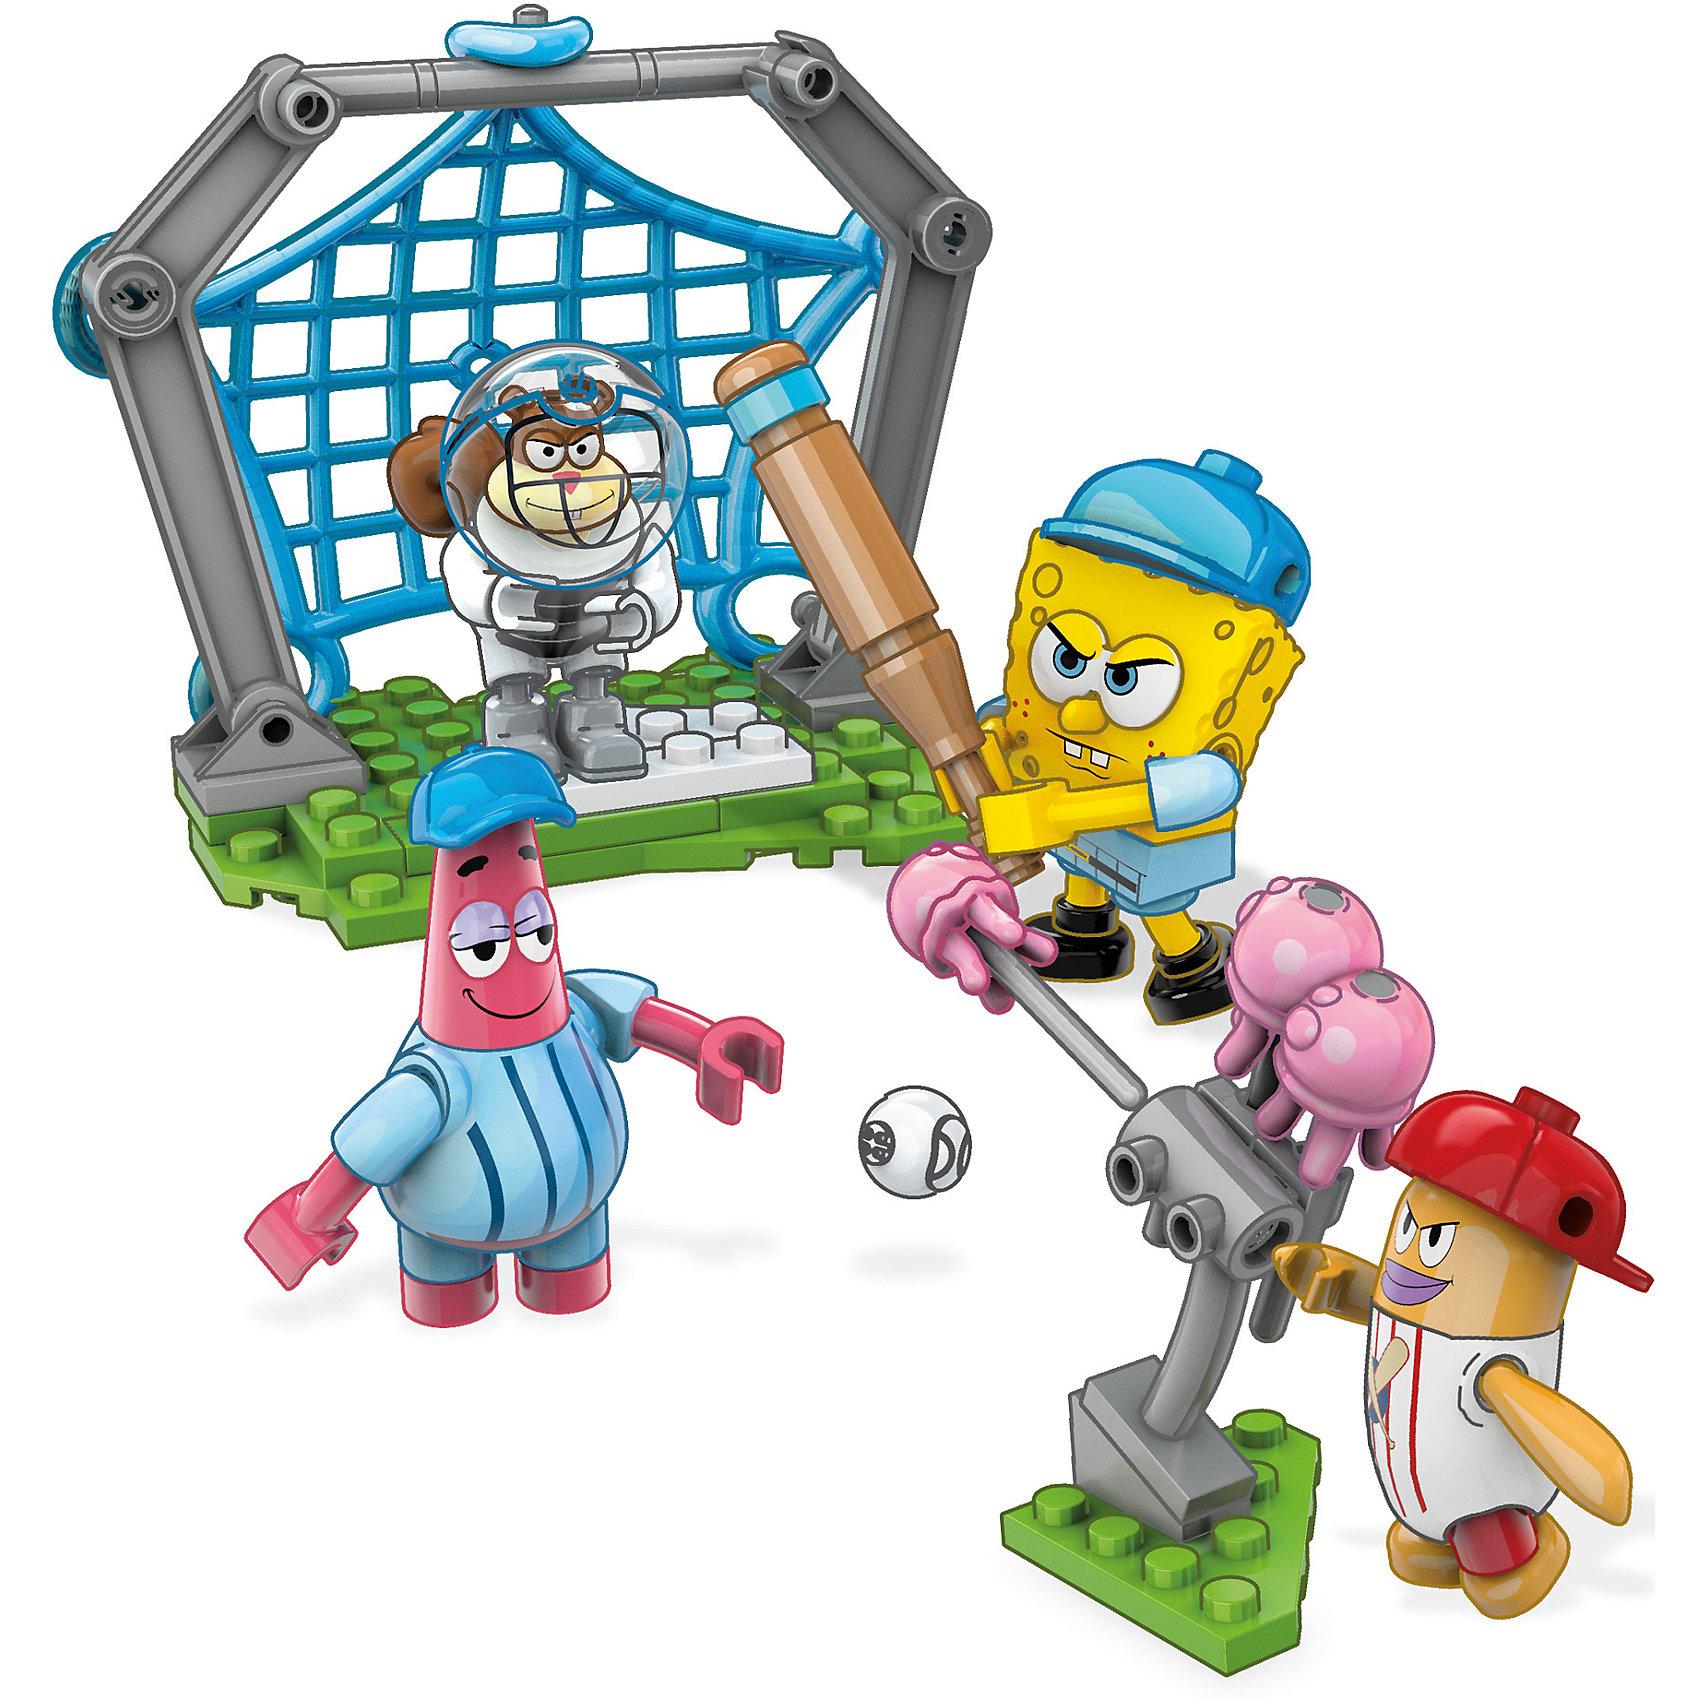 Губка Боб: мини игровой набор, Mega BloksКонструктор SpongeBob SquarePants, Mega Bloks (Мега Блокс) ? один из наборов, входящий в серию, посвященную знаменитому Губке Бобу и его друзьям. Конструктор этой серии состоит из нескольких мини-фигурок основных героев и аксессуаров для сюжетной игры. В этот раз любимые герои предстают в образе бейсболистов. Так как друзья отличаются озорным нравом, то и бейсбол у них особенный: вместо мяча они играют медузами. Дополнительно в наборе идет метатель медуз и изменяемая по размерам кабина для тренировок.<br>Конструктор SpongeBob SquarePants, Mega Bloks (Мега Блокс) выполнен из качественного прочного пластика. Конструктором предусмотрена совместимость с другими наборами серии SpongeBob SquarePants от Mega Bloks и с конструкторами Lego.<br>Играя с конструктором, ваш ребенок развивает мелкую моторику рук и логическое мышление, тренирует память. Сюжетность конструктора способствует развитию воображения и фантазии.<br><br>Дополнительная информация:<br><br>- Вид игр: сюжетно-ролевые, конструирование <br>- Предназначение: для дома<br>- Материал: пластик<br>- Комплектация: мини-фигурки, аксессуары<br>- Размер (Д*Ш*В): 4,5*15*24,5 см<br>- Вес: 329 г <br>- Особенности ухода: детали конструктора можно мыть<br><br>Подробнее:<br><br>• Для детей в возрасте: от 5 лет и до 10 лет<br>• Страна производитель: Китай<br>• Торговый бренд: Mega Bloks<br><br>Конструктор SpongeBob SquarePants, Mega Bloks (Мега Блокс) можно купить в нашем интернет-магазине.<br><br>Ширина мм: 45<br>Глубина мм: 150<br>Высота мм: 245<br>Вес г: 329<br>Возраст от месяцев: 60<br>Возраст до месяцев: 120<br>Пол: Мужской<br>Возраст: Детский<br>SKU: 4867663